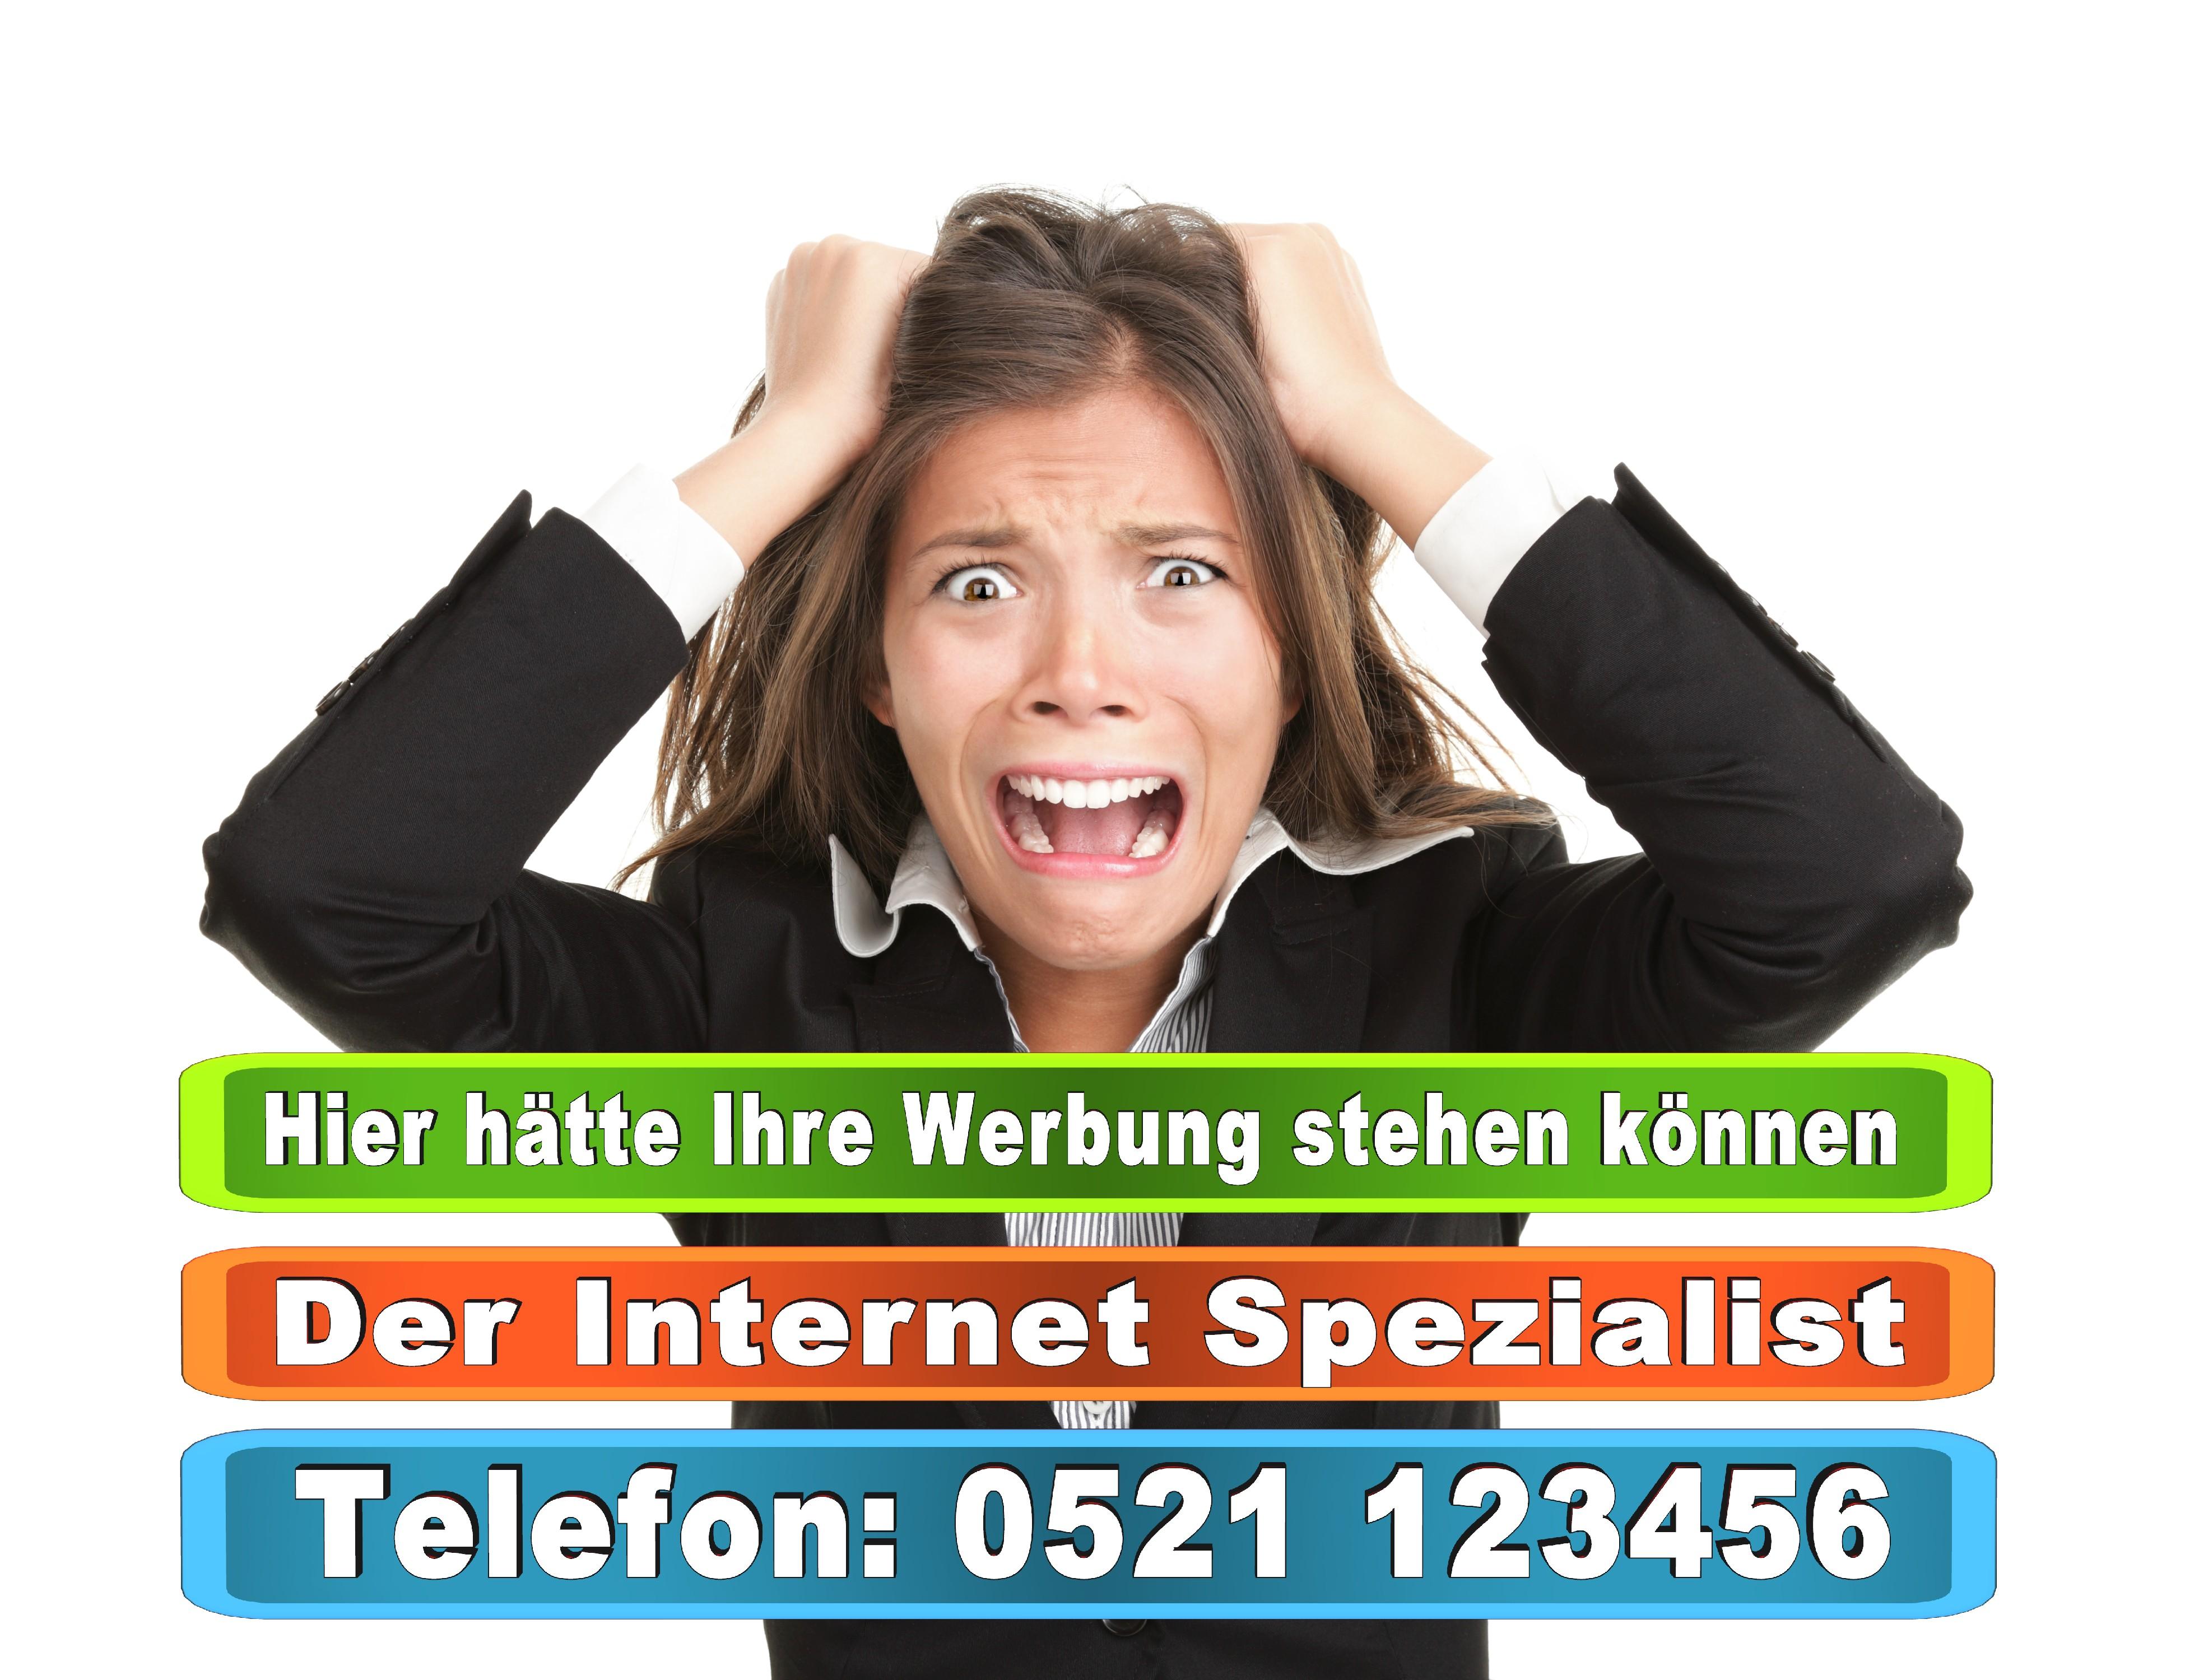 Bielefeld Werbung Werbeanzeigen Zeitungen Bielefeld OWL NRW Demonstrationen Polizei Bielefeld Kleinanzeigen Bielefeld Berlin Hamburg Köln (14)